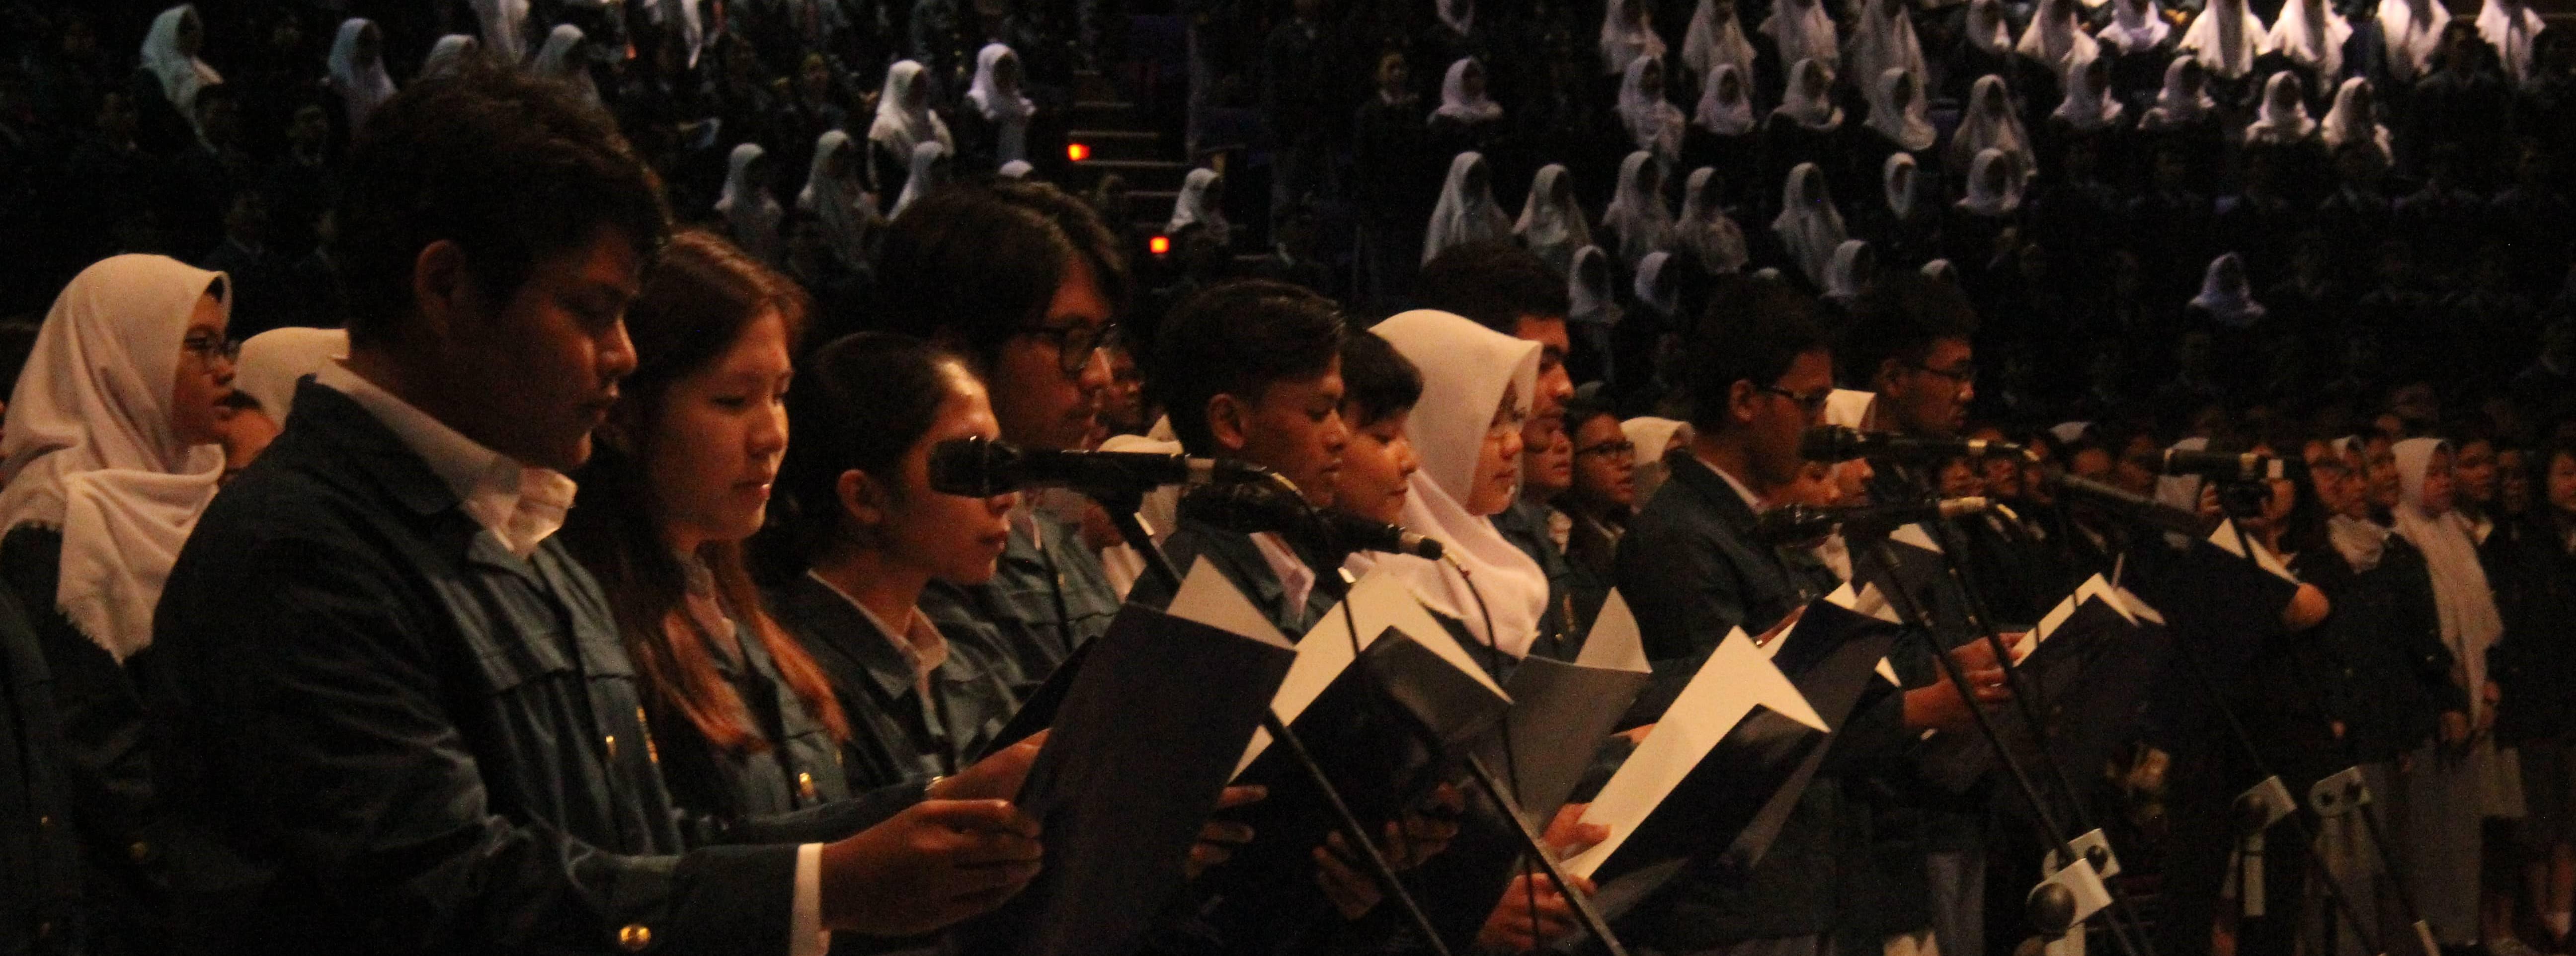 Sidang Terbuka Peresmian Penerimaan Mahasiswa Baru Tahun Ajaran 2017/2018